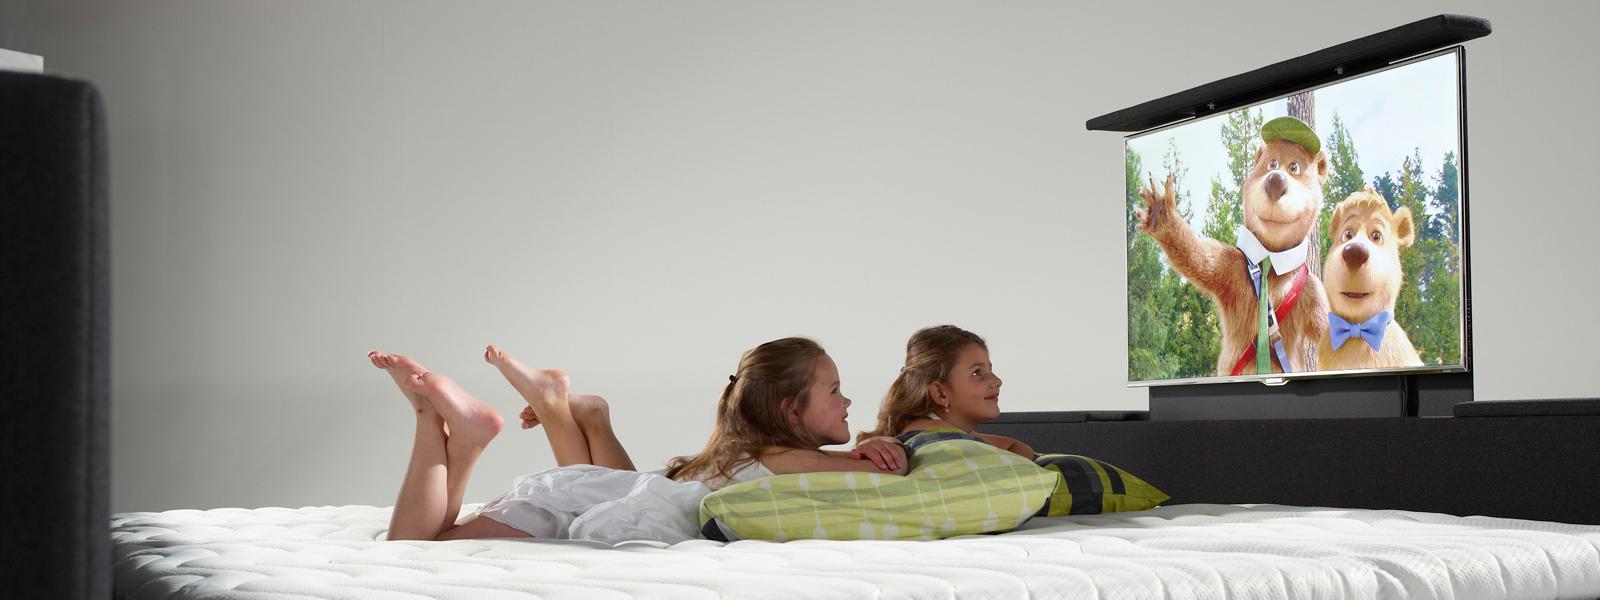 Tv Kijken Op De Slaapkamer – Pretty Girls